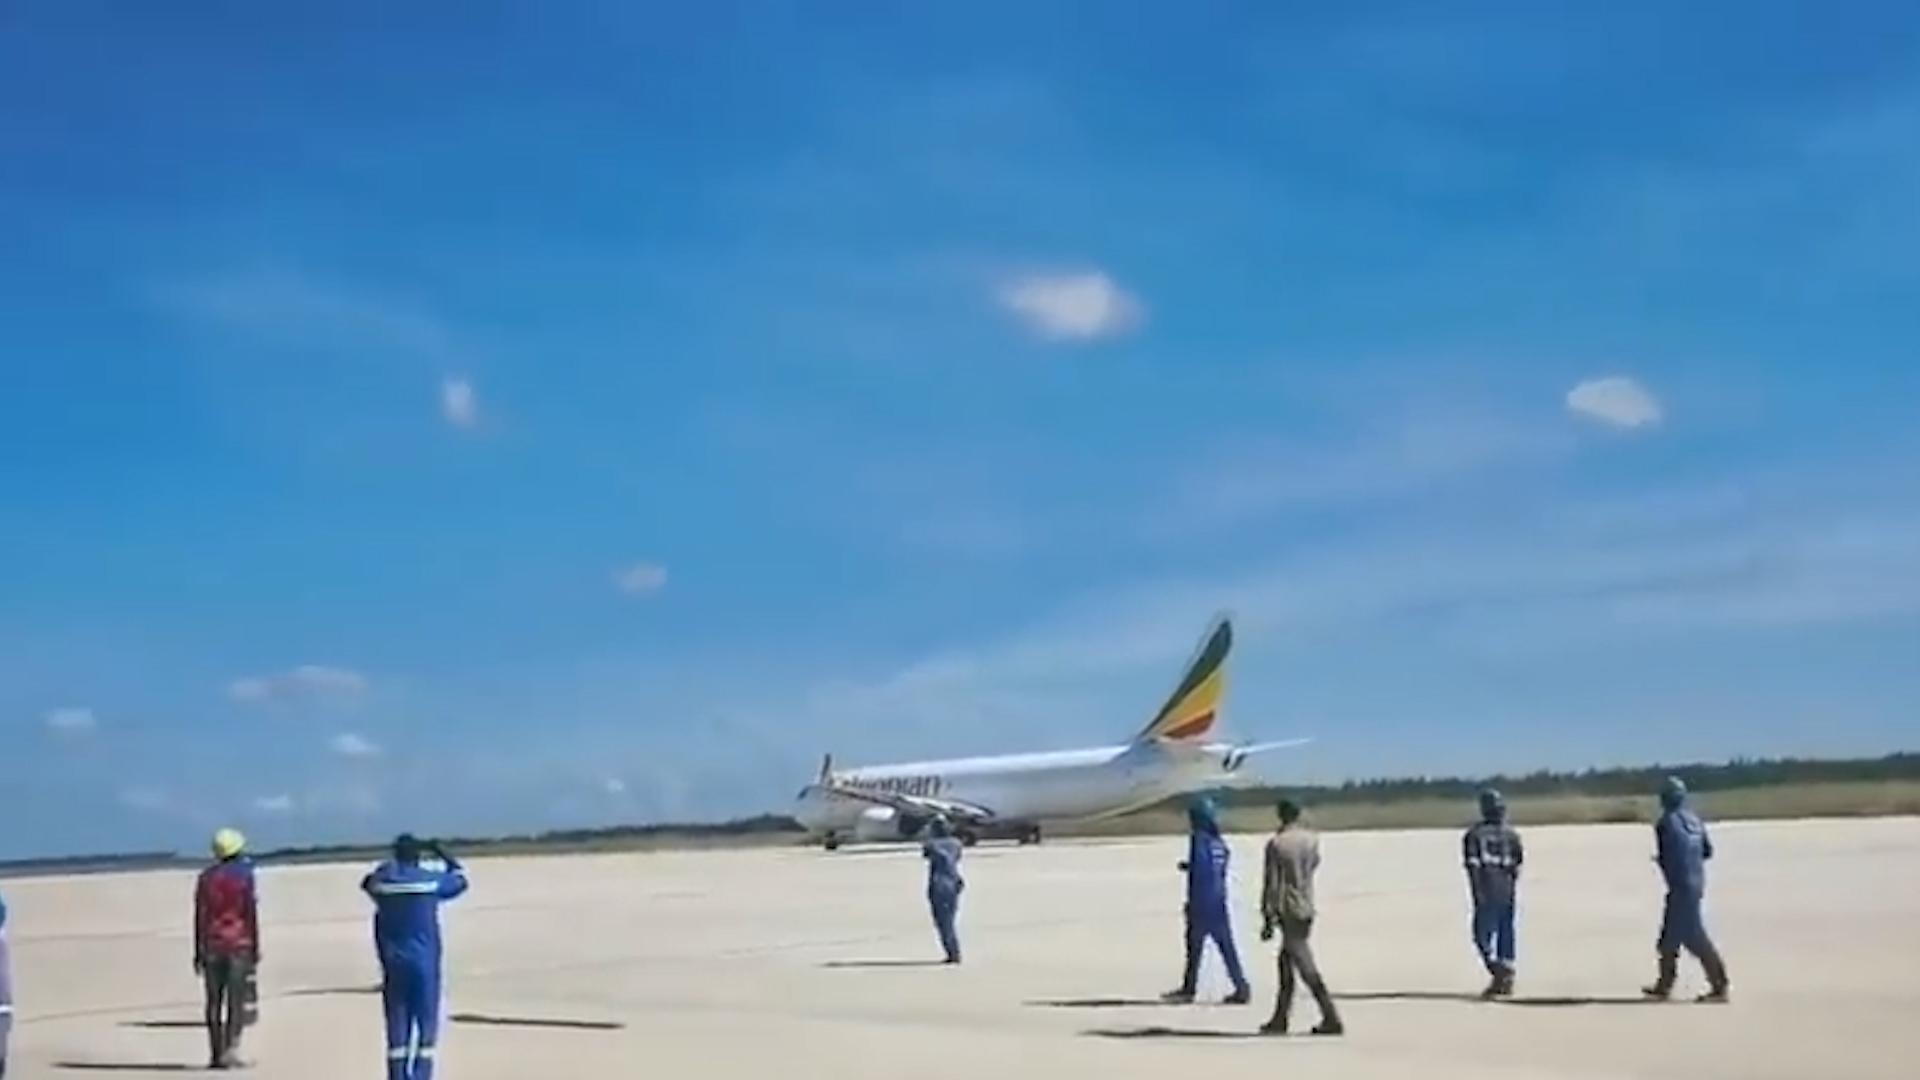 一架飞机突然降落在在建机场 工人们懵了:机场瞒着我们竣工了?